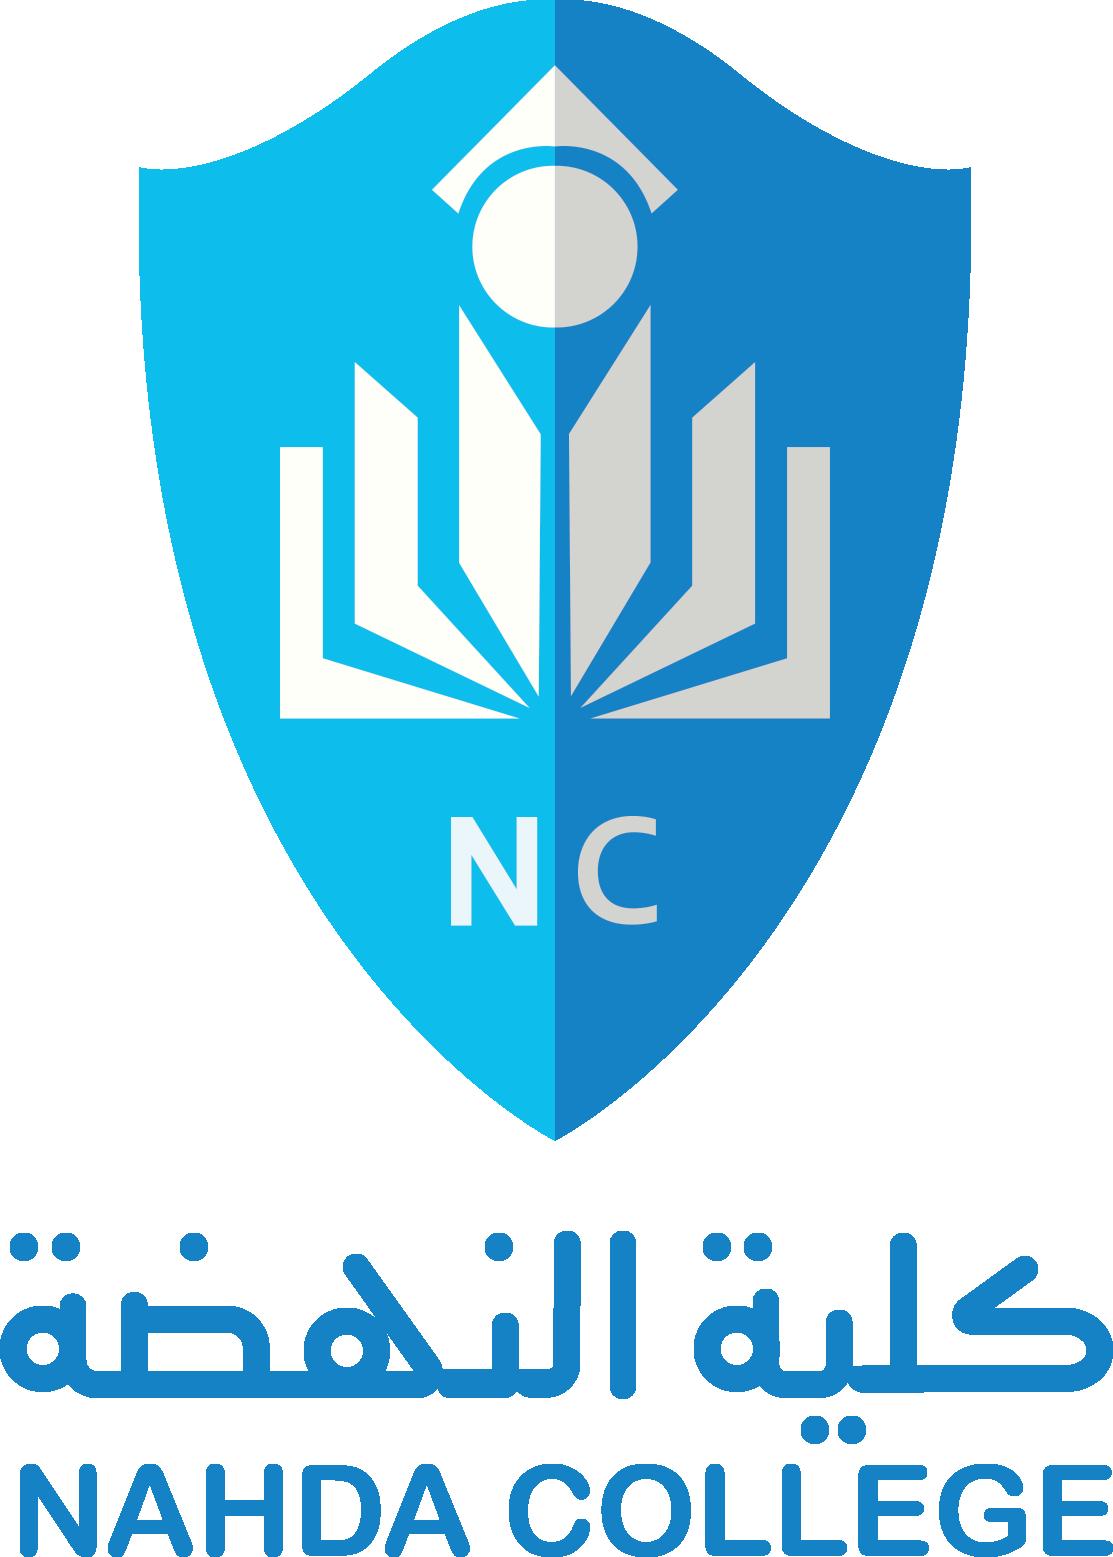 Nahda College